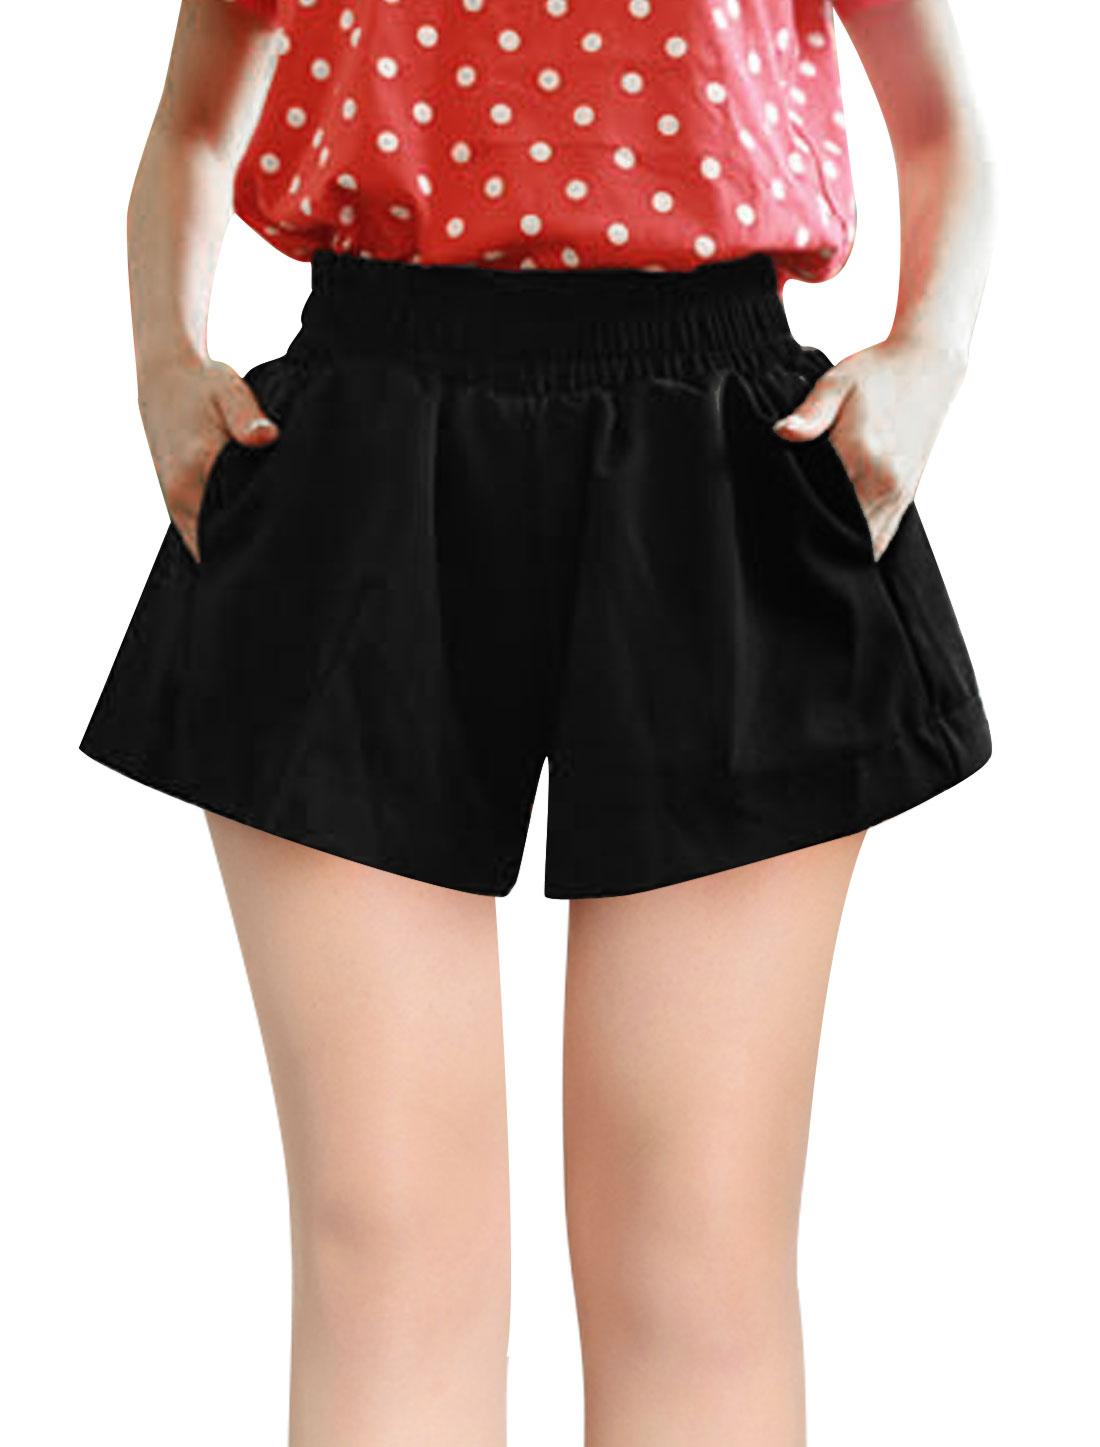 Lady Elastic Smocked Waist Lining Shorts Black S